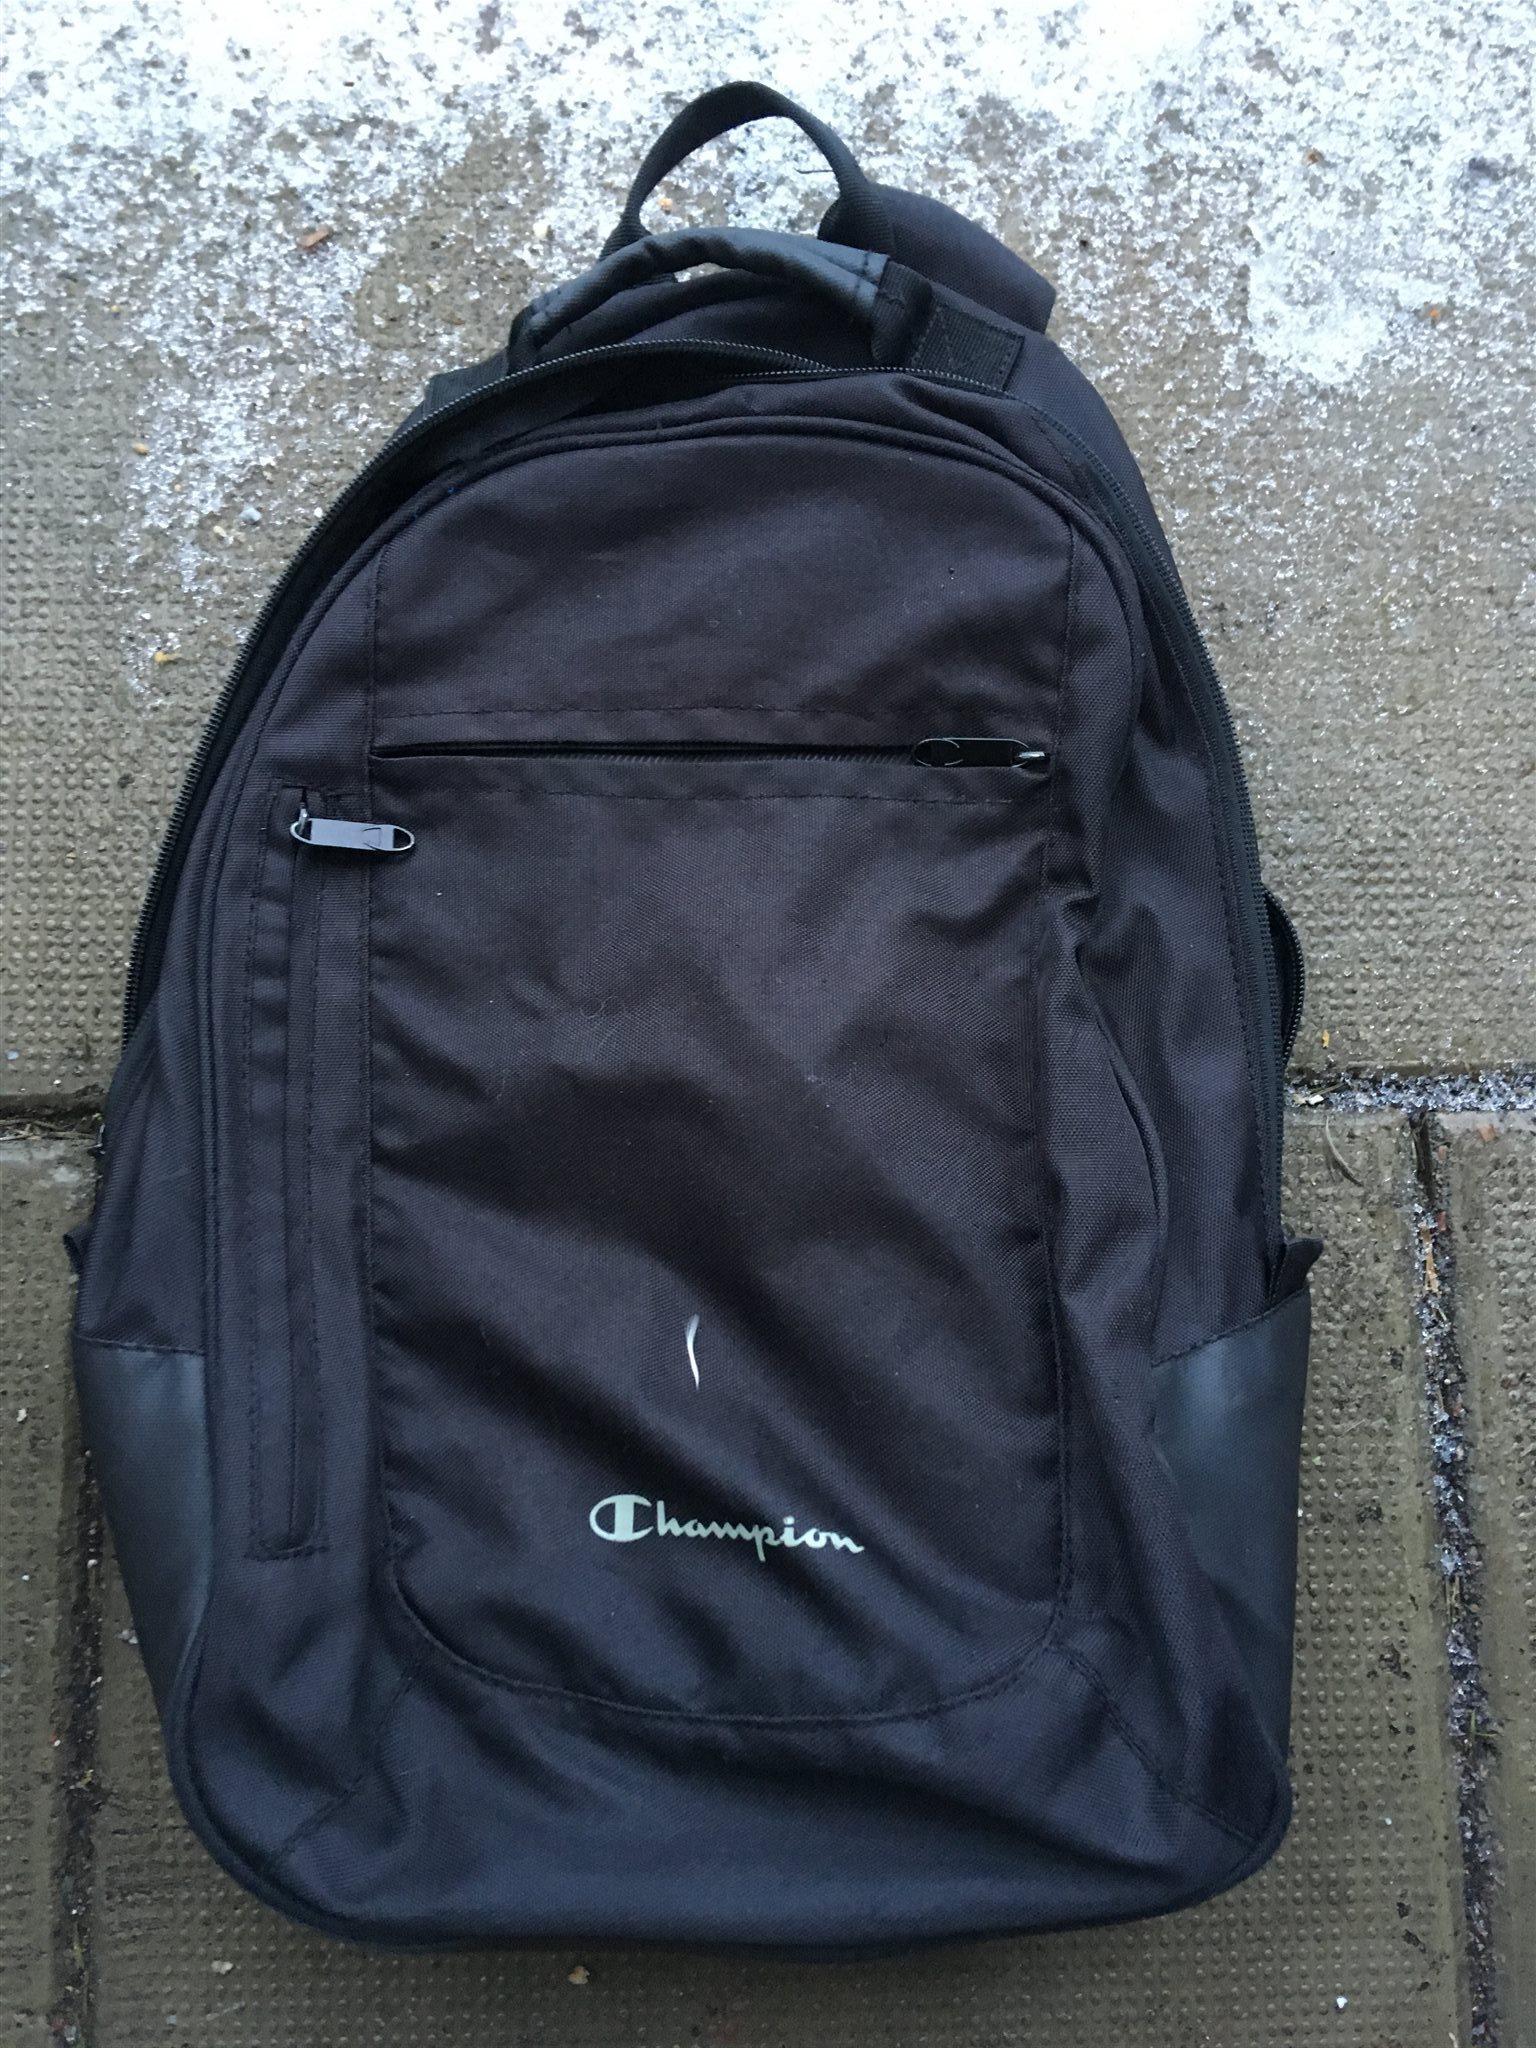 Mindre svart ryggsäck Champion (se mått) (338365667) ᐈ Köp på Tradera 189a82dded5e4